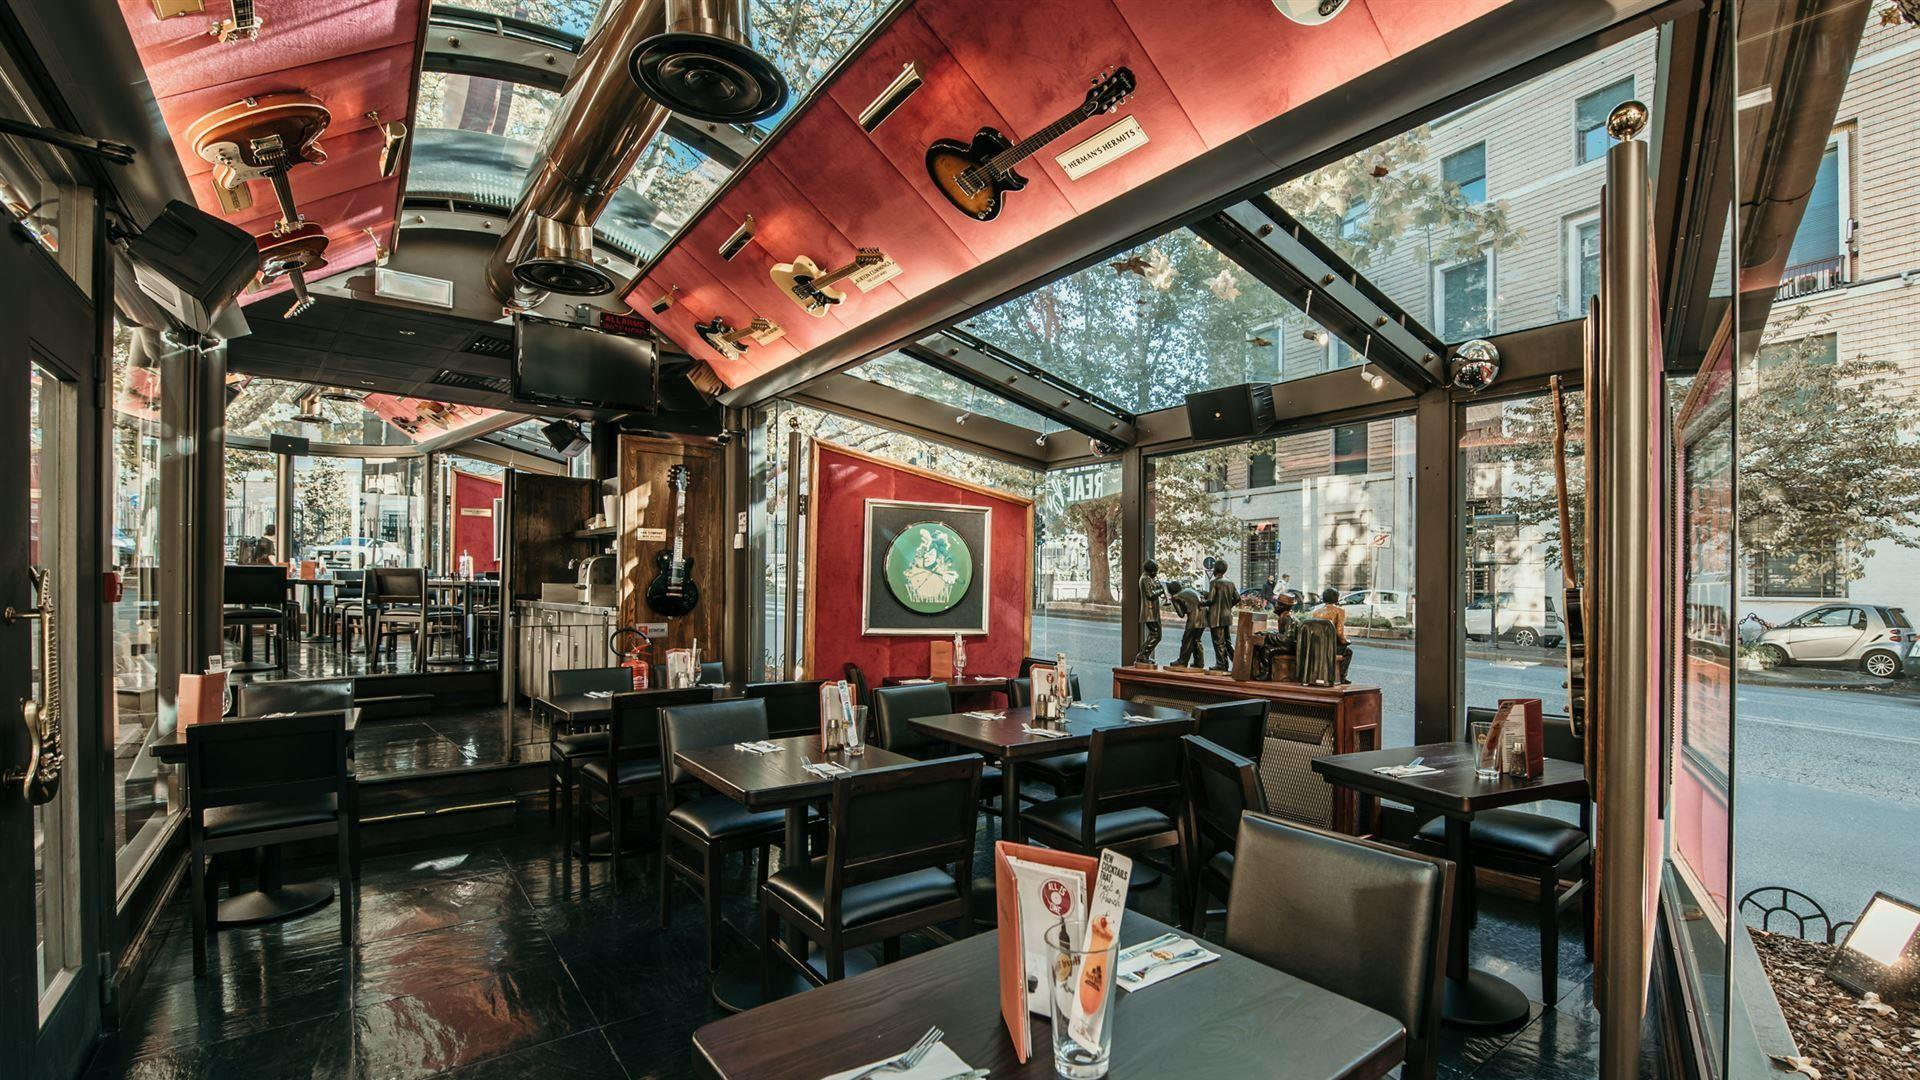 Sale Hard Rock Roma Di Cafe Meeting Rome N8wv0Onm